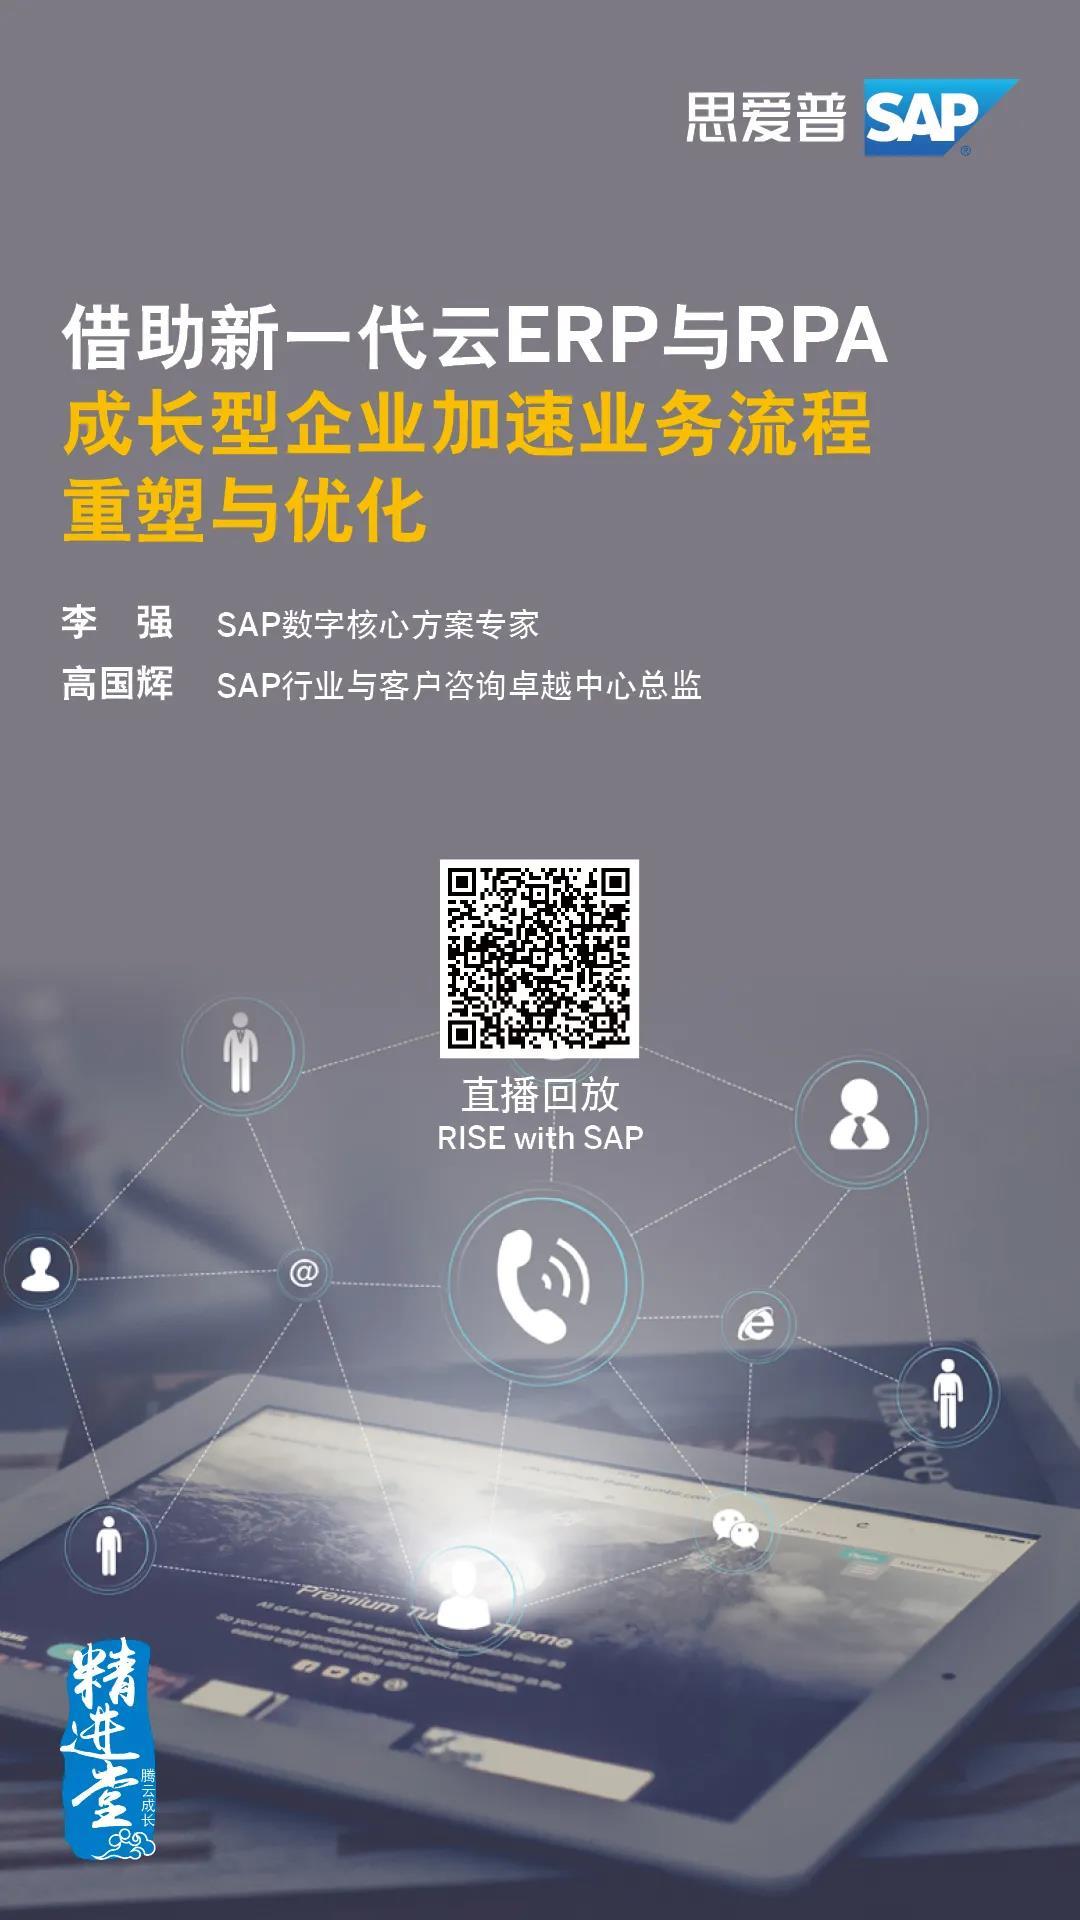 WeChat Image_20210708163818.jpg